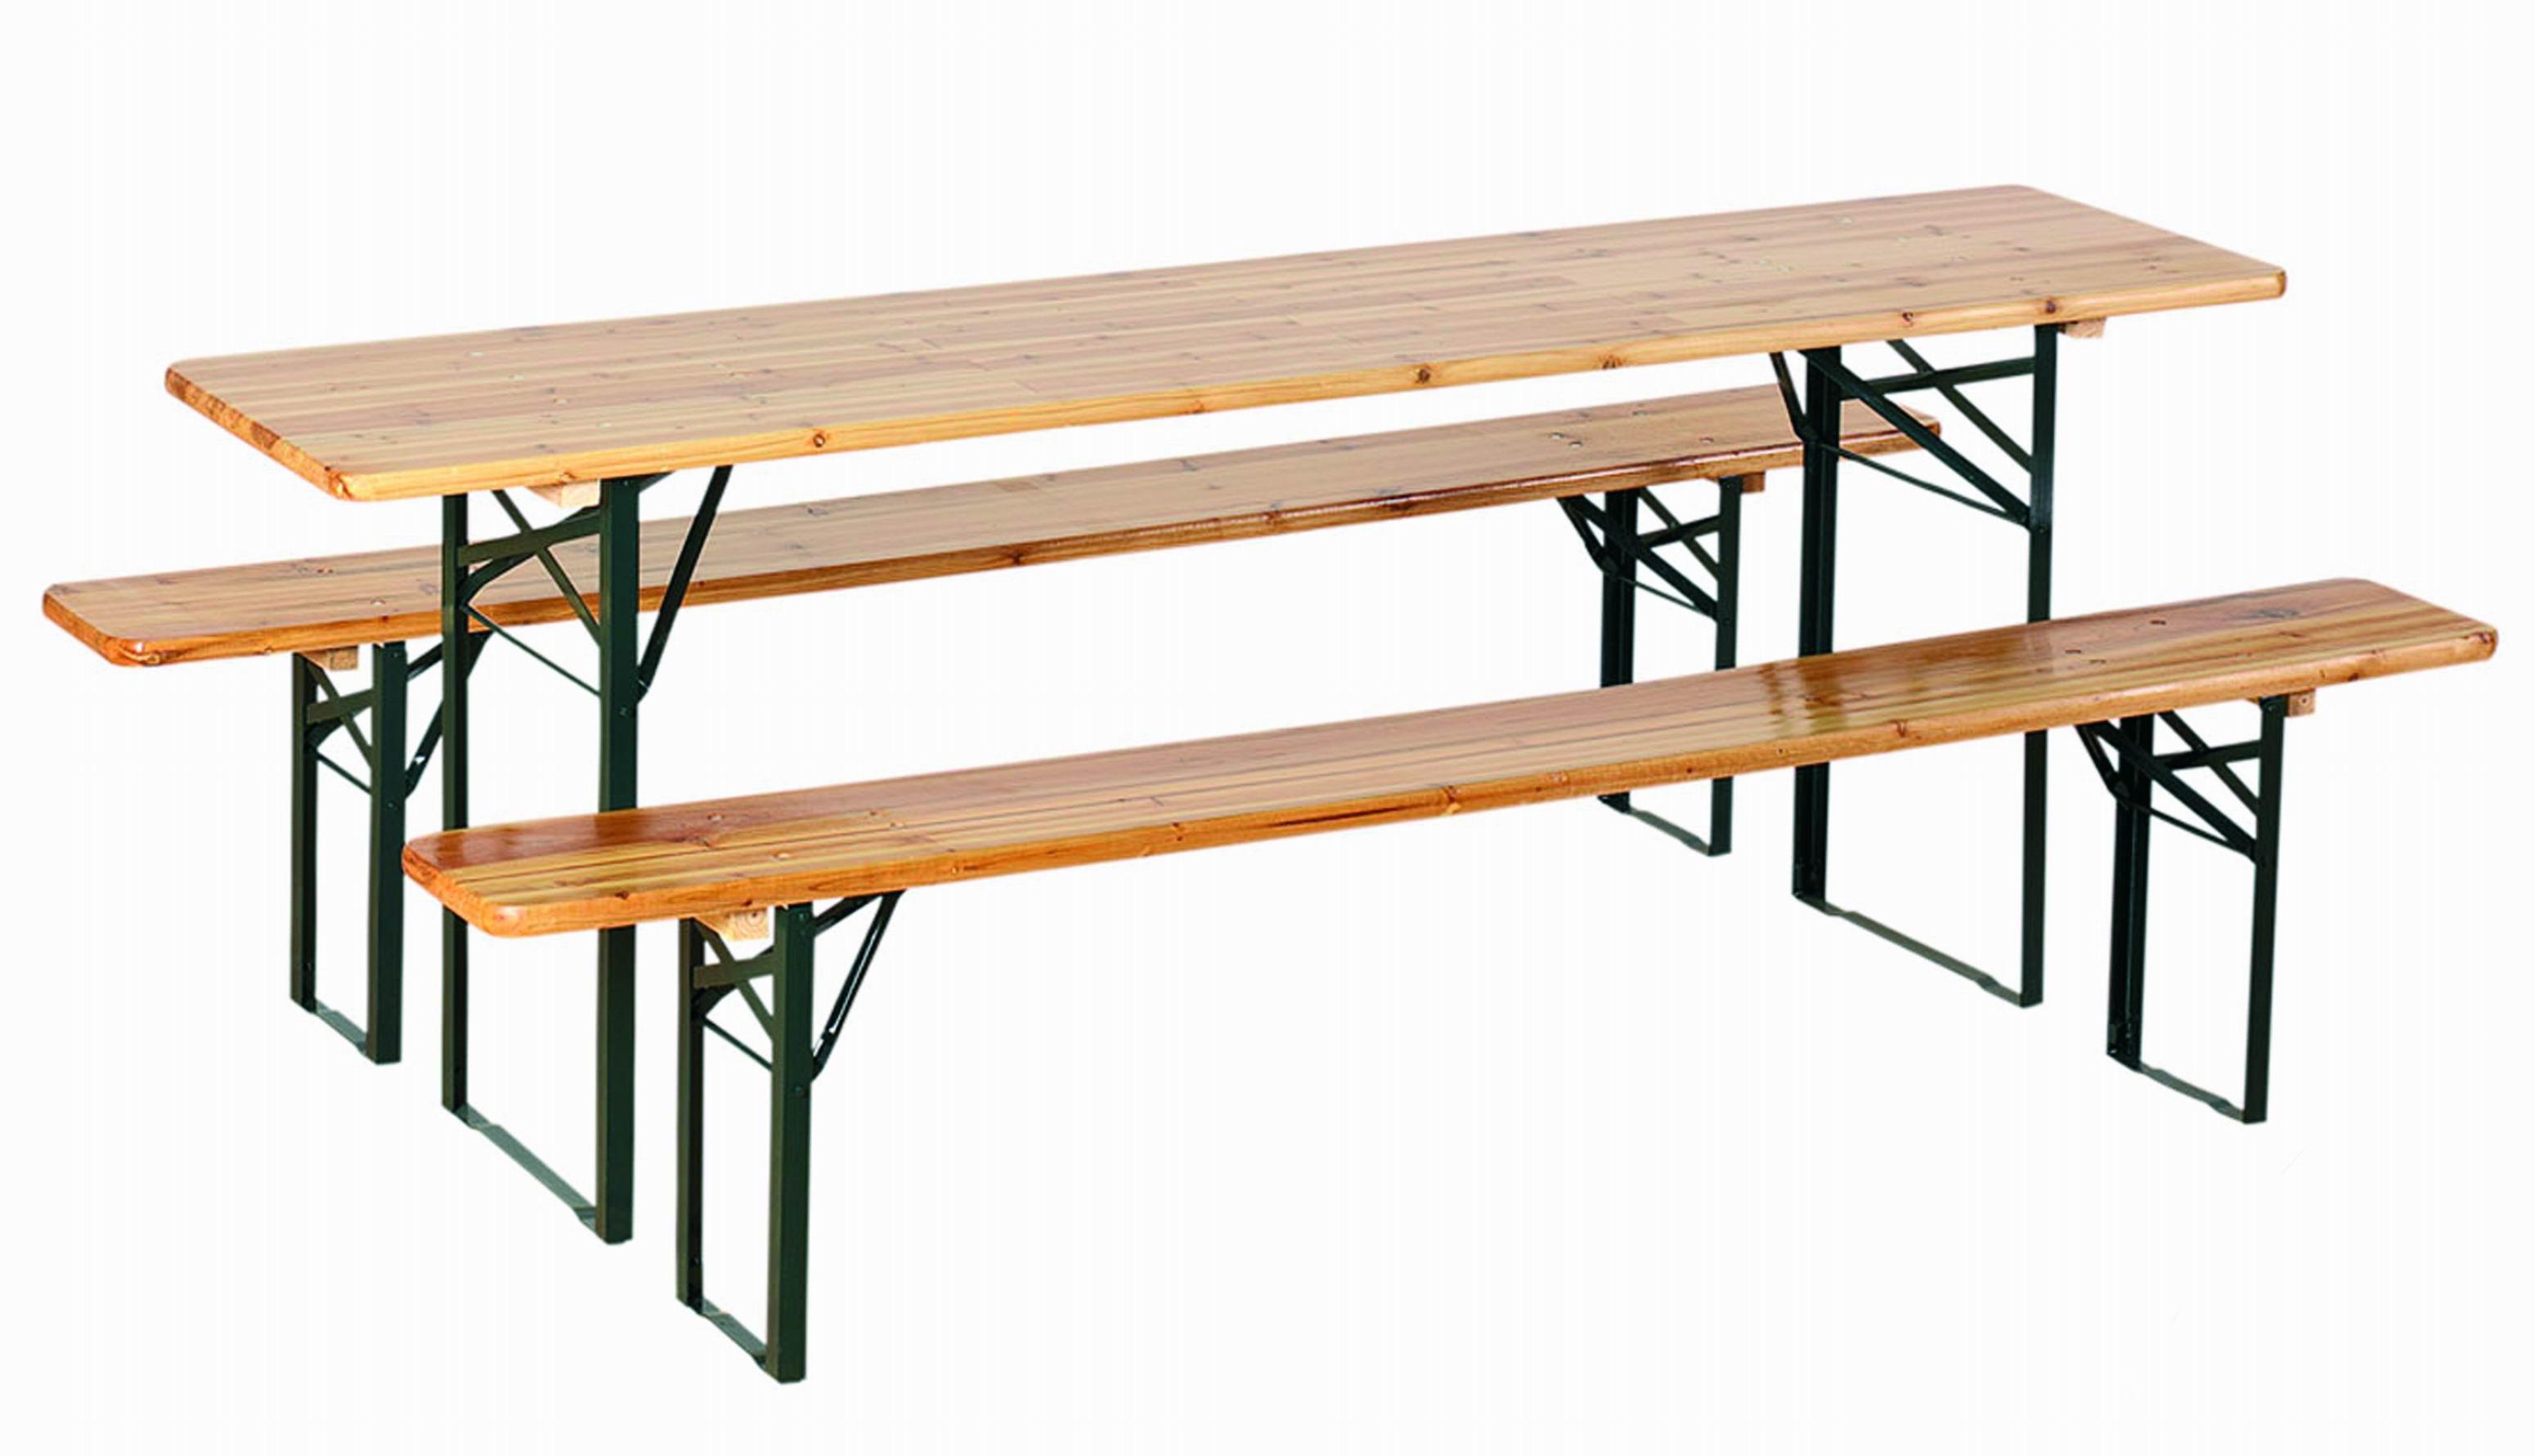 Set birreria in legno tavolo 2 panche 220x70xh80cm richiudibile esterno giardino  eBay